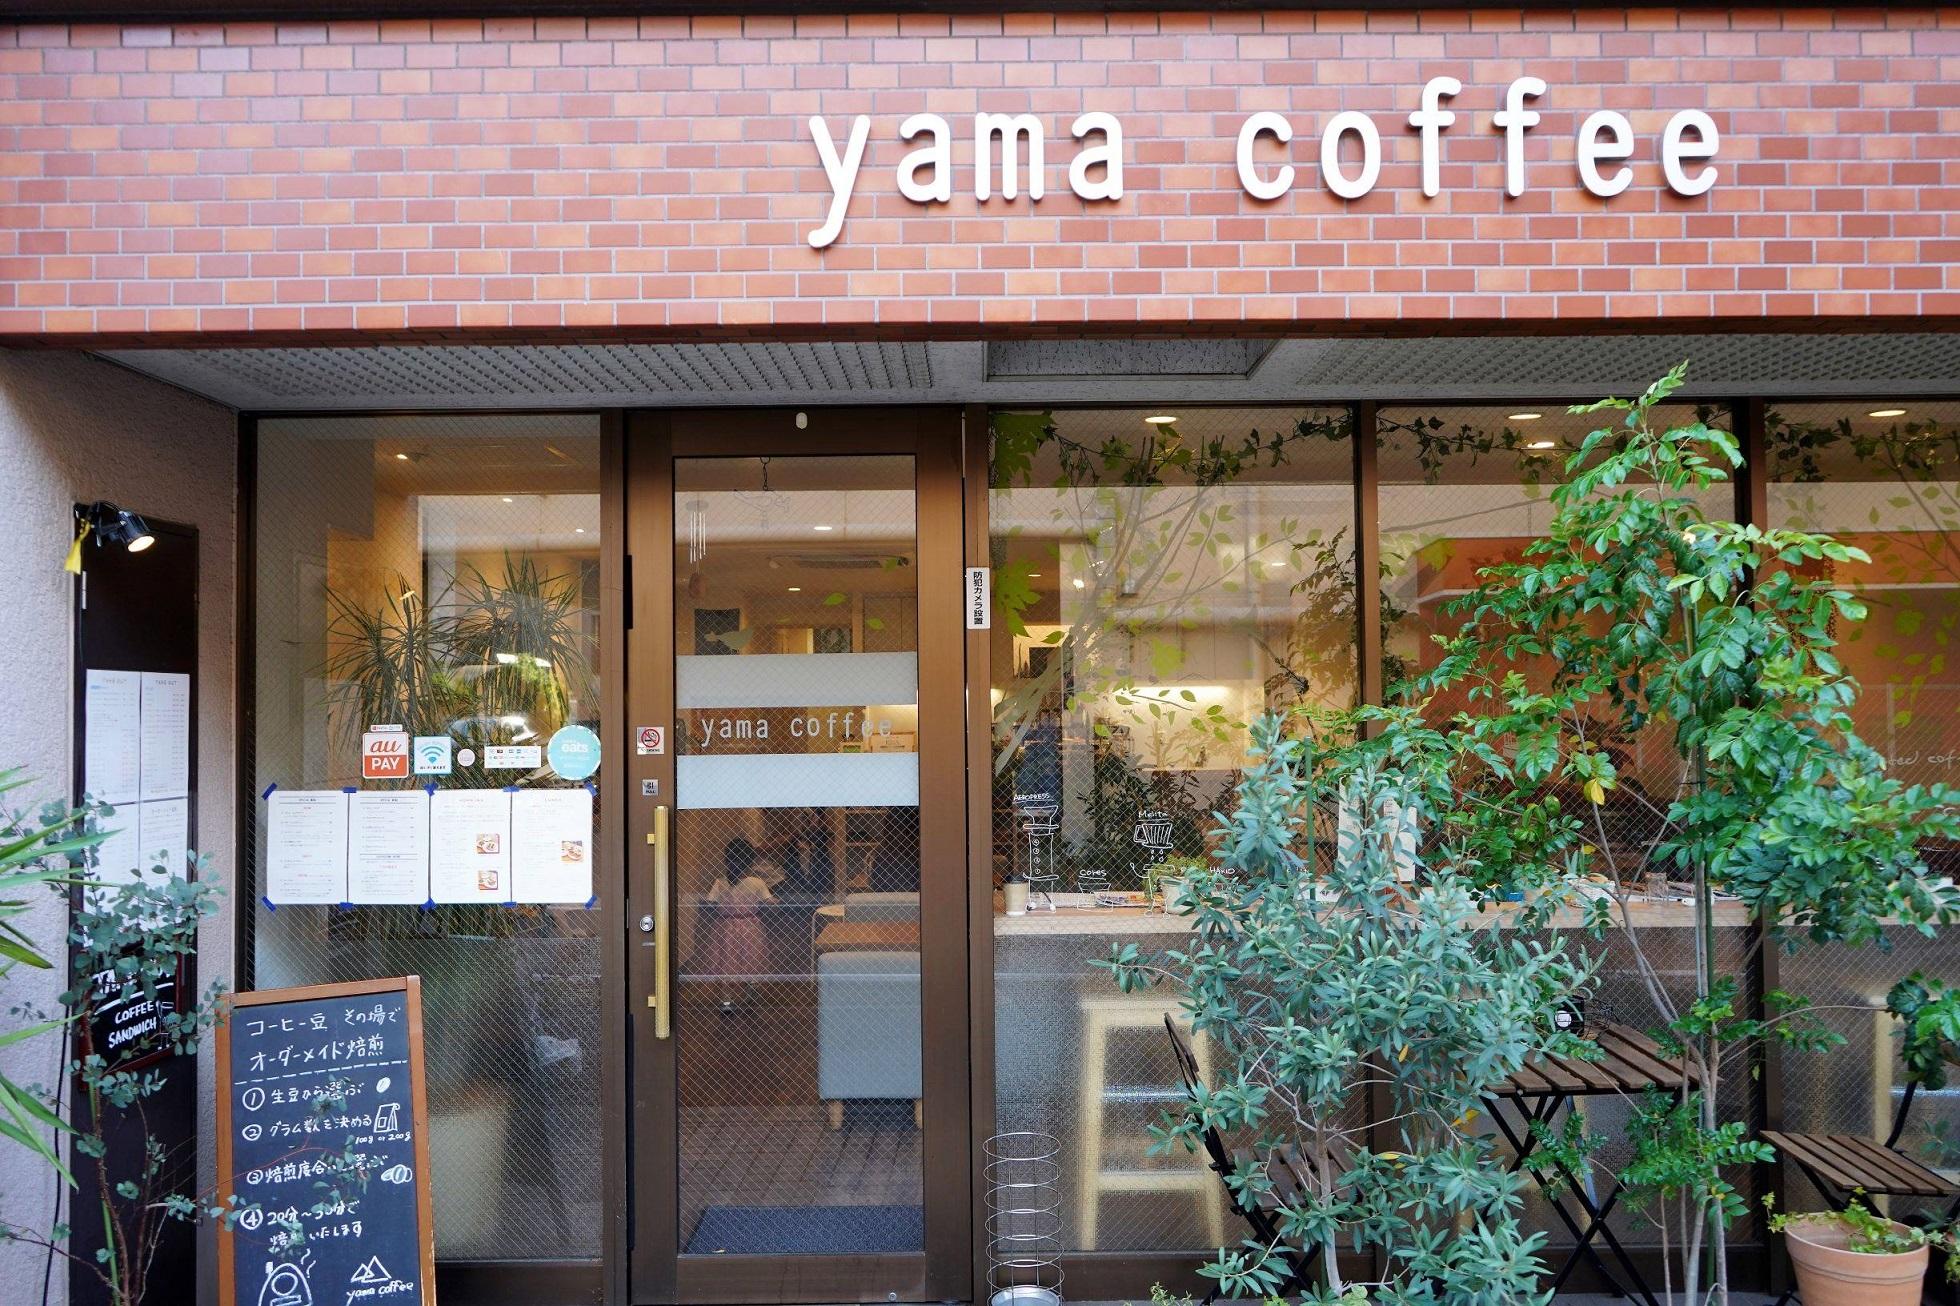 パンダマシュマロが大人気!中区のカフェ「yama coffee(ヤマコーヒー)」 - 4d60816fa656ca5f30981b3ee8837f27